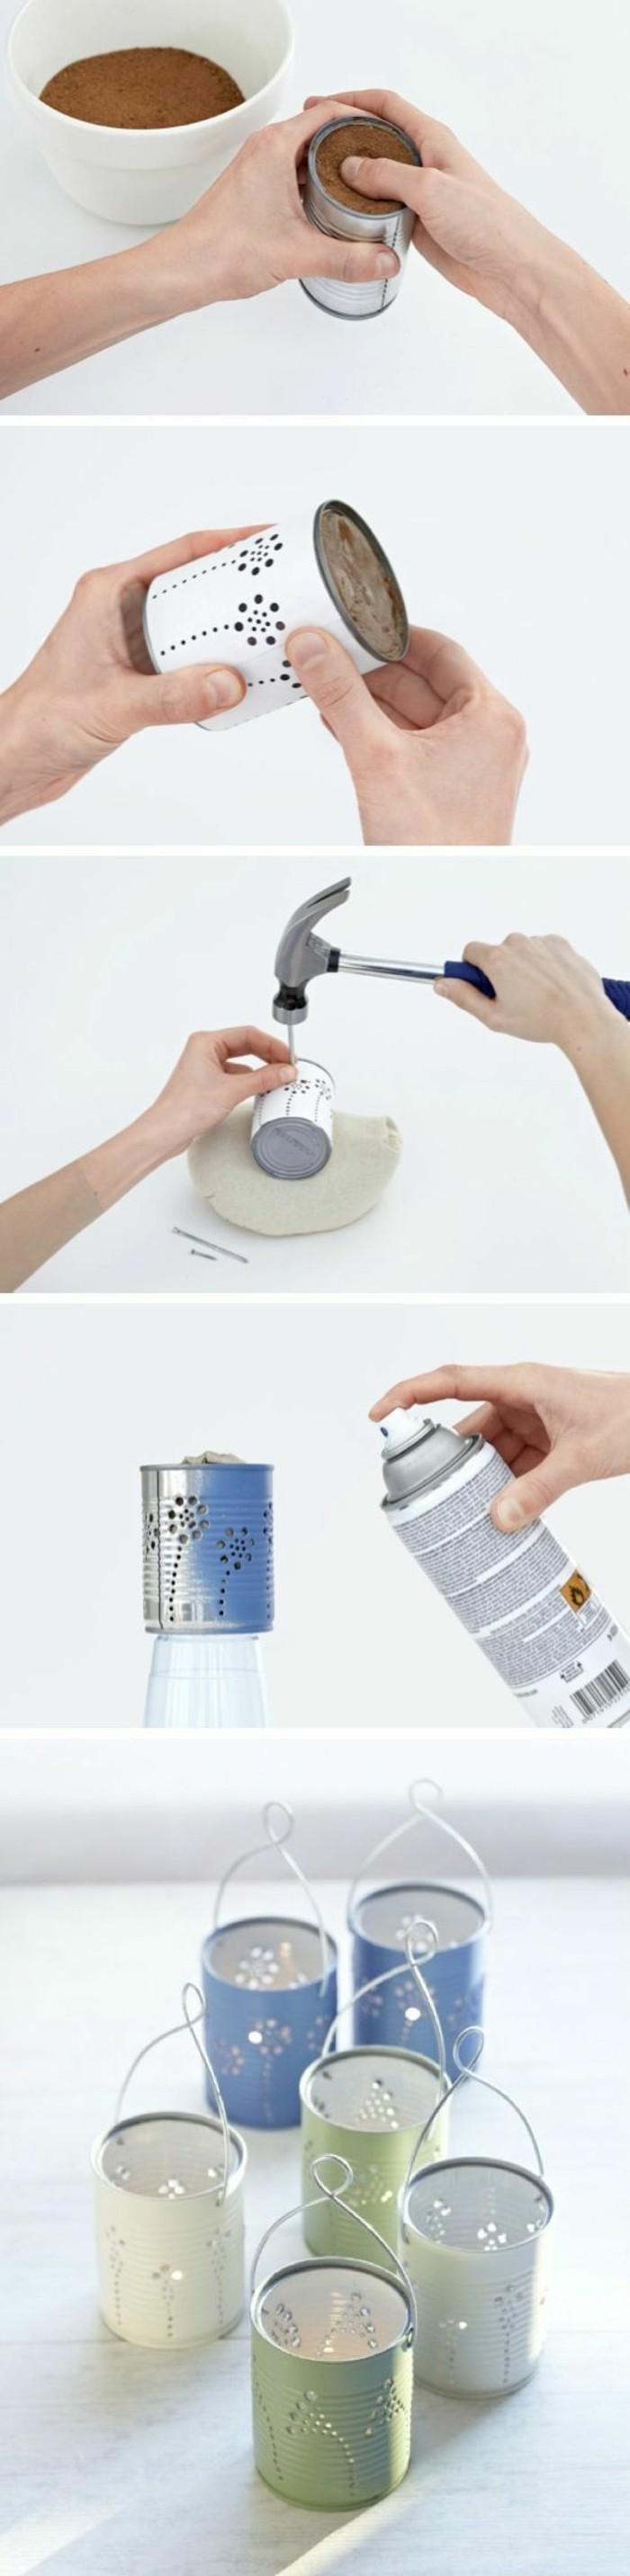 étapes à suivre pour réaliser mini lanterne en canette, idée que faire avec une boîte de conserve, diy lanterne en boîte aluminium